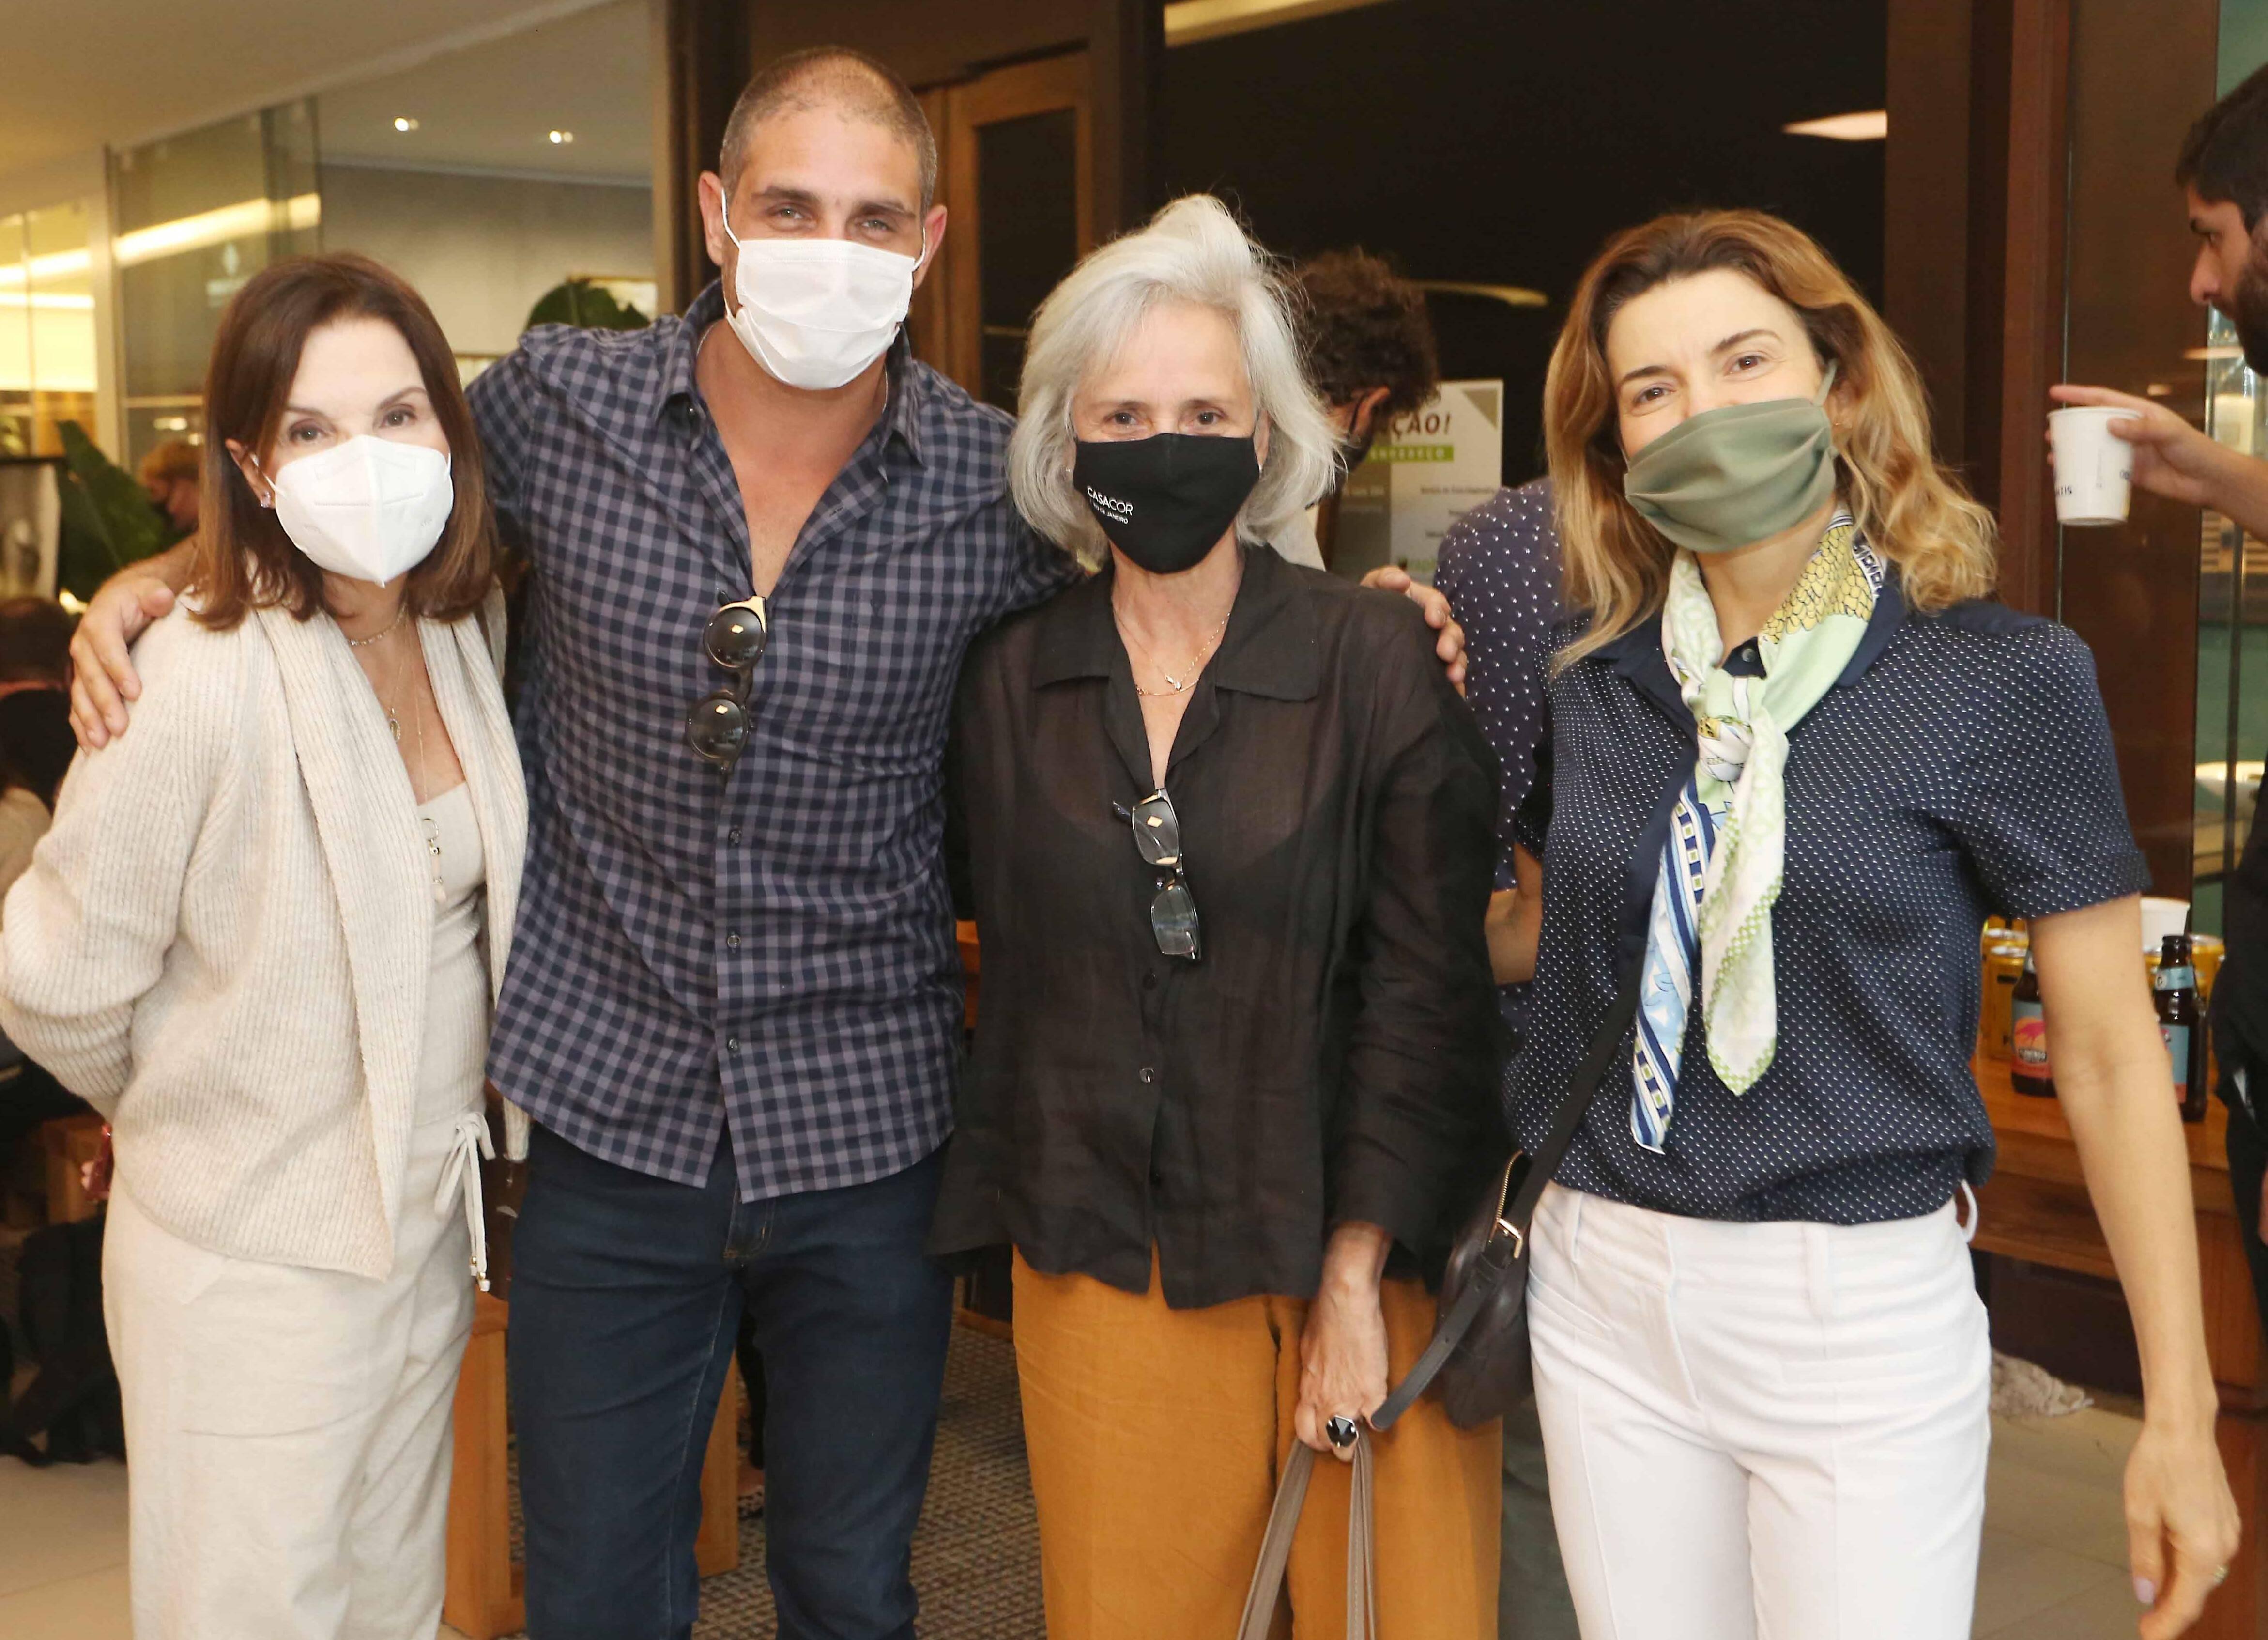 Patricia Mayer, Ari Kaye ,Patricia Quentel e Flavia Marcolini /Foto: Reginaldo Teixeira